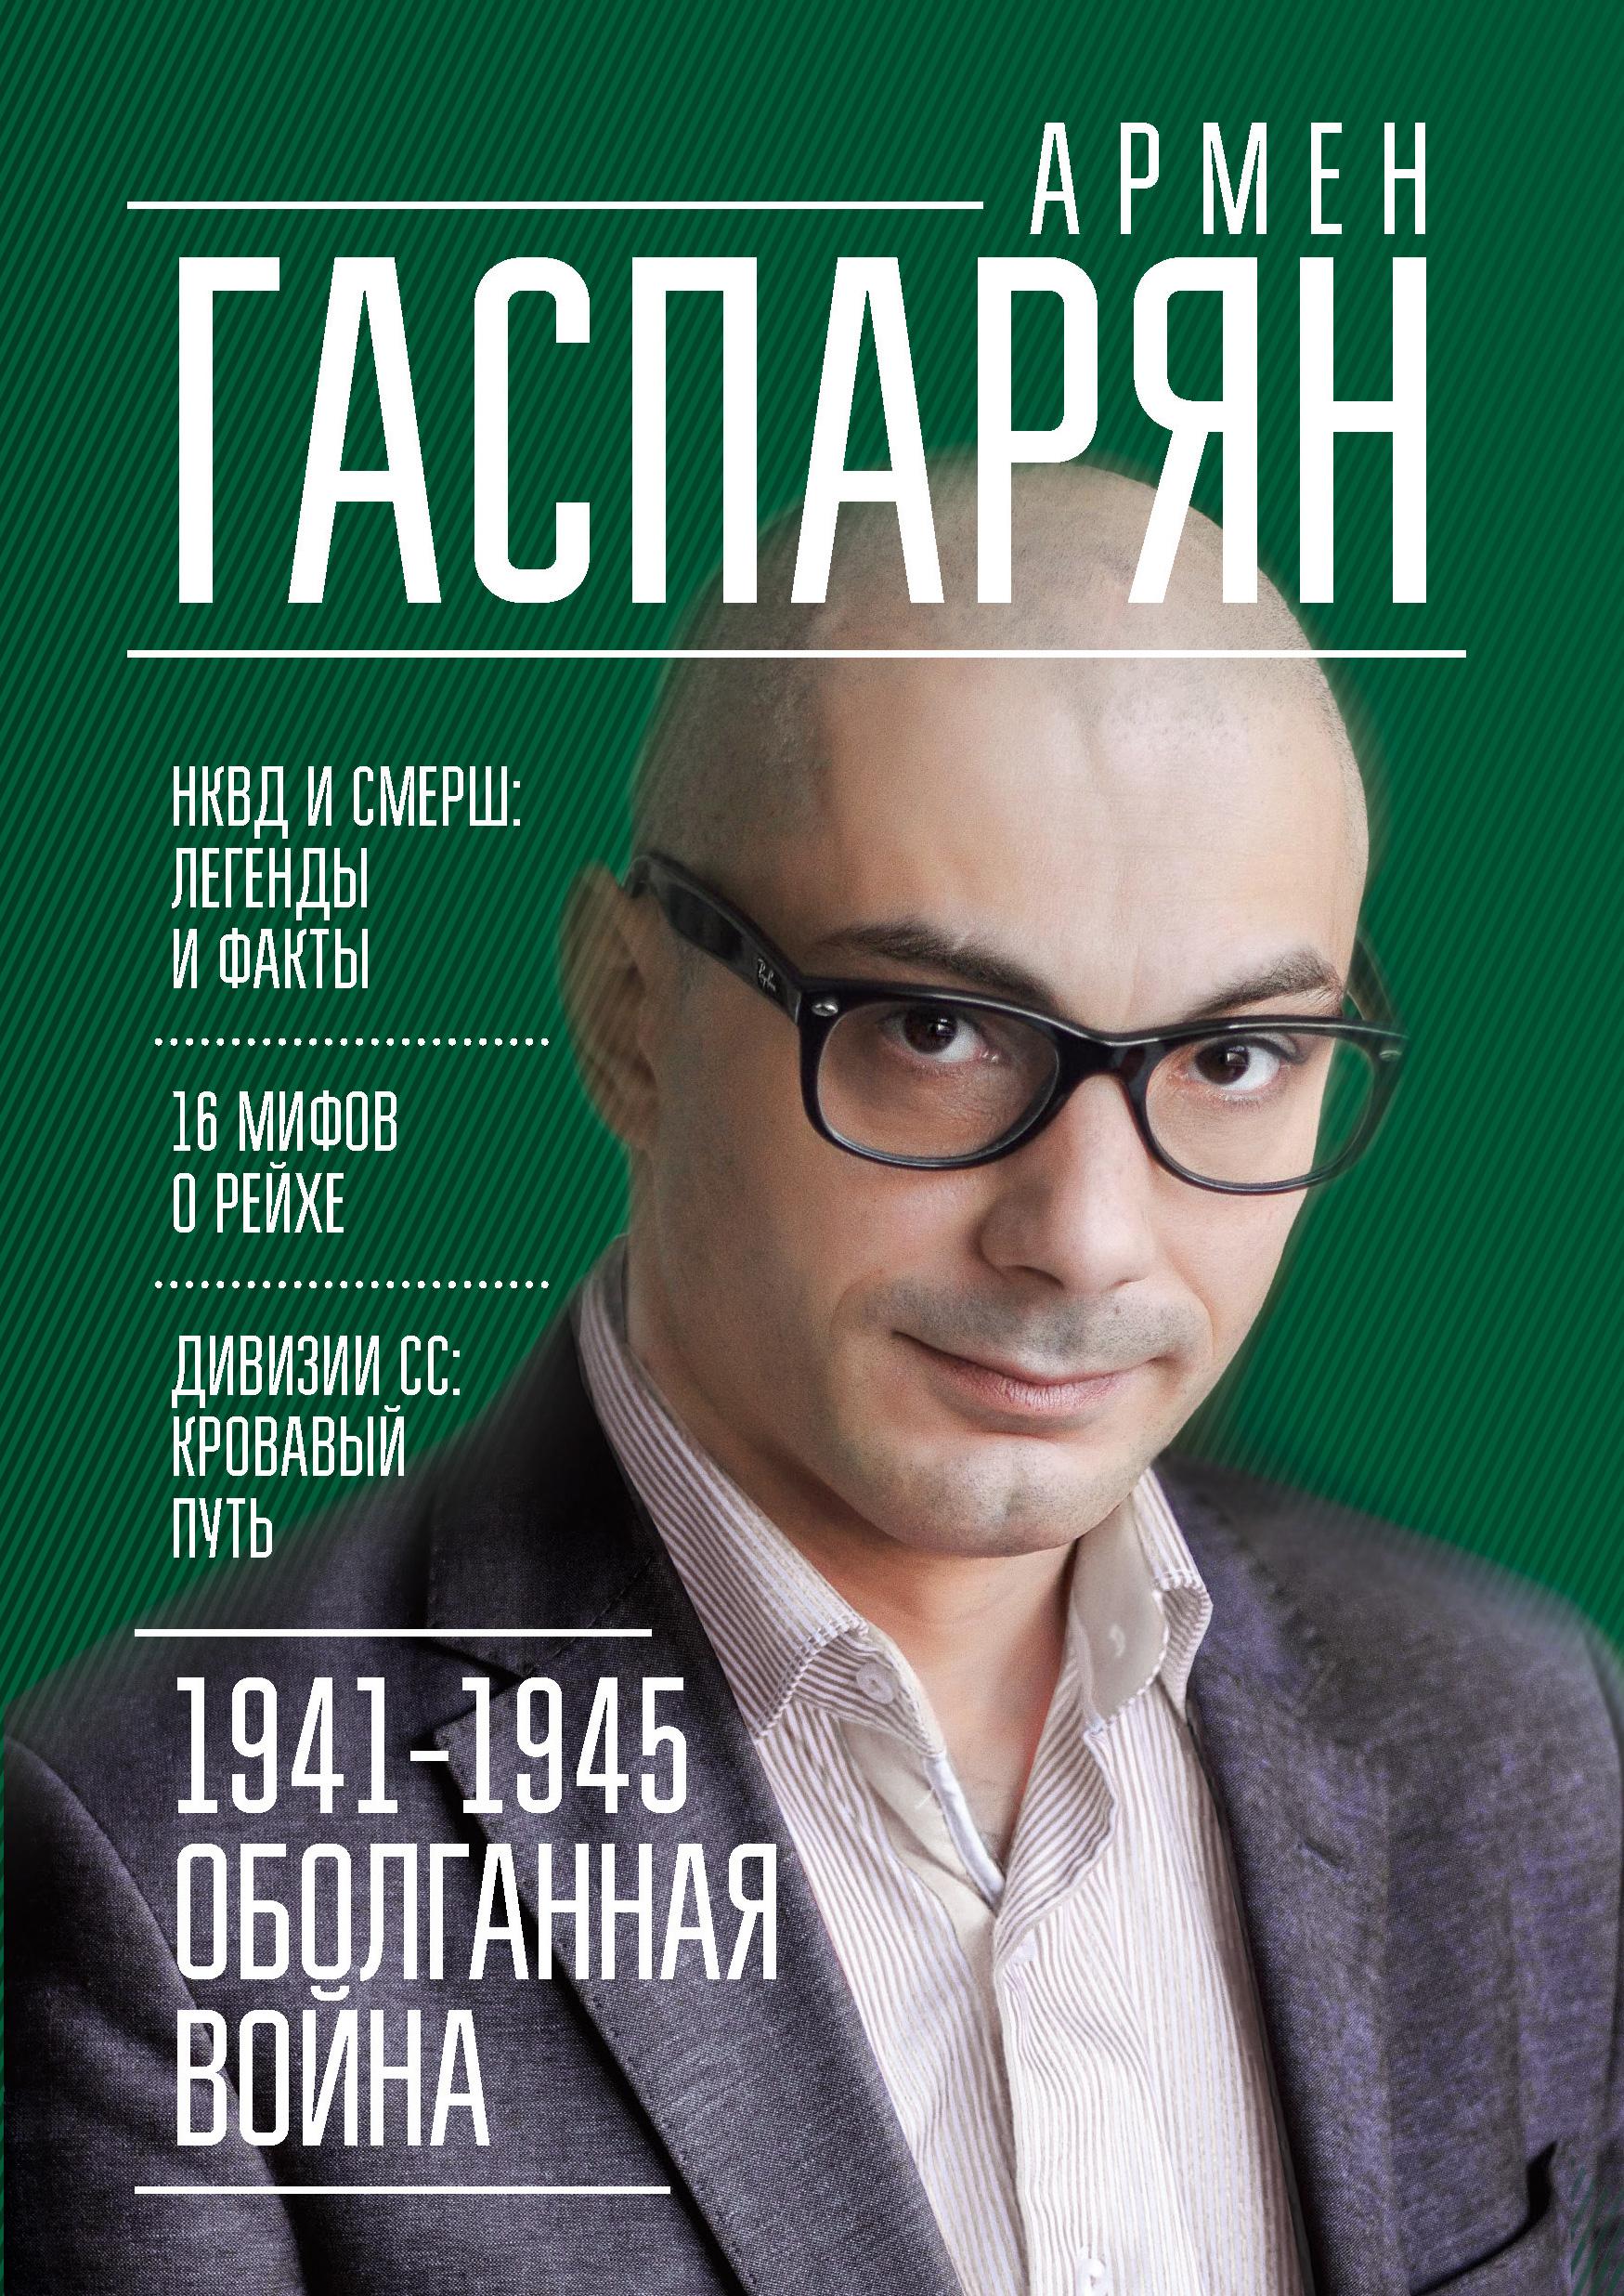 Майн кампф на русском скачать pdf